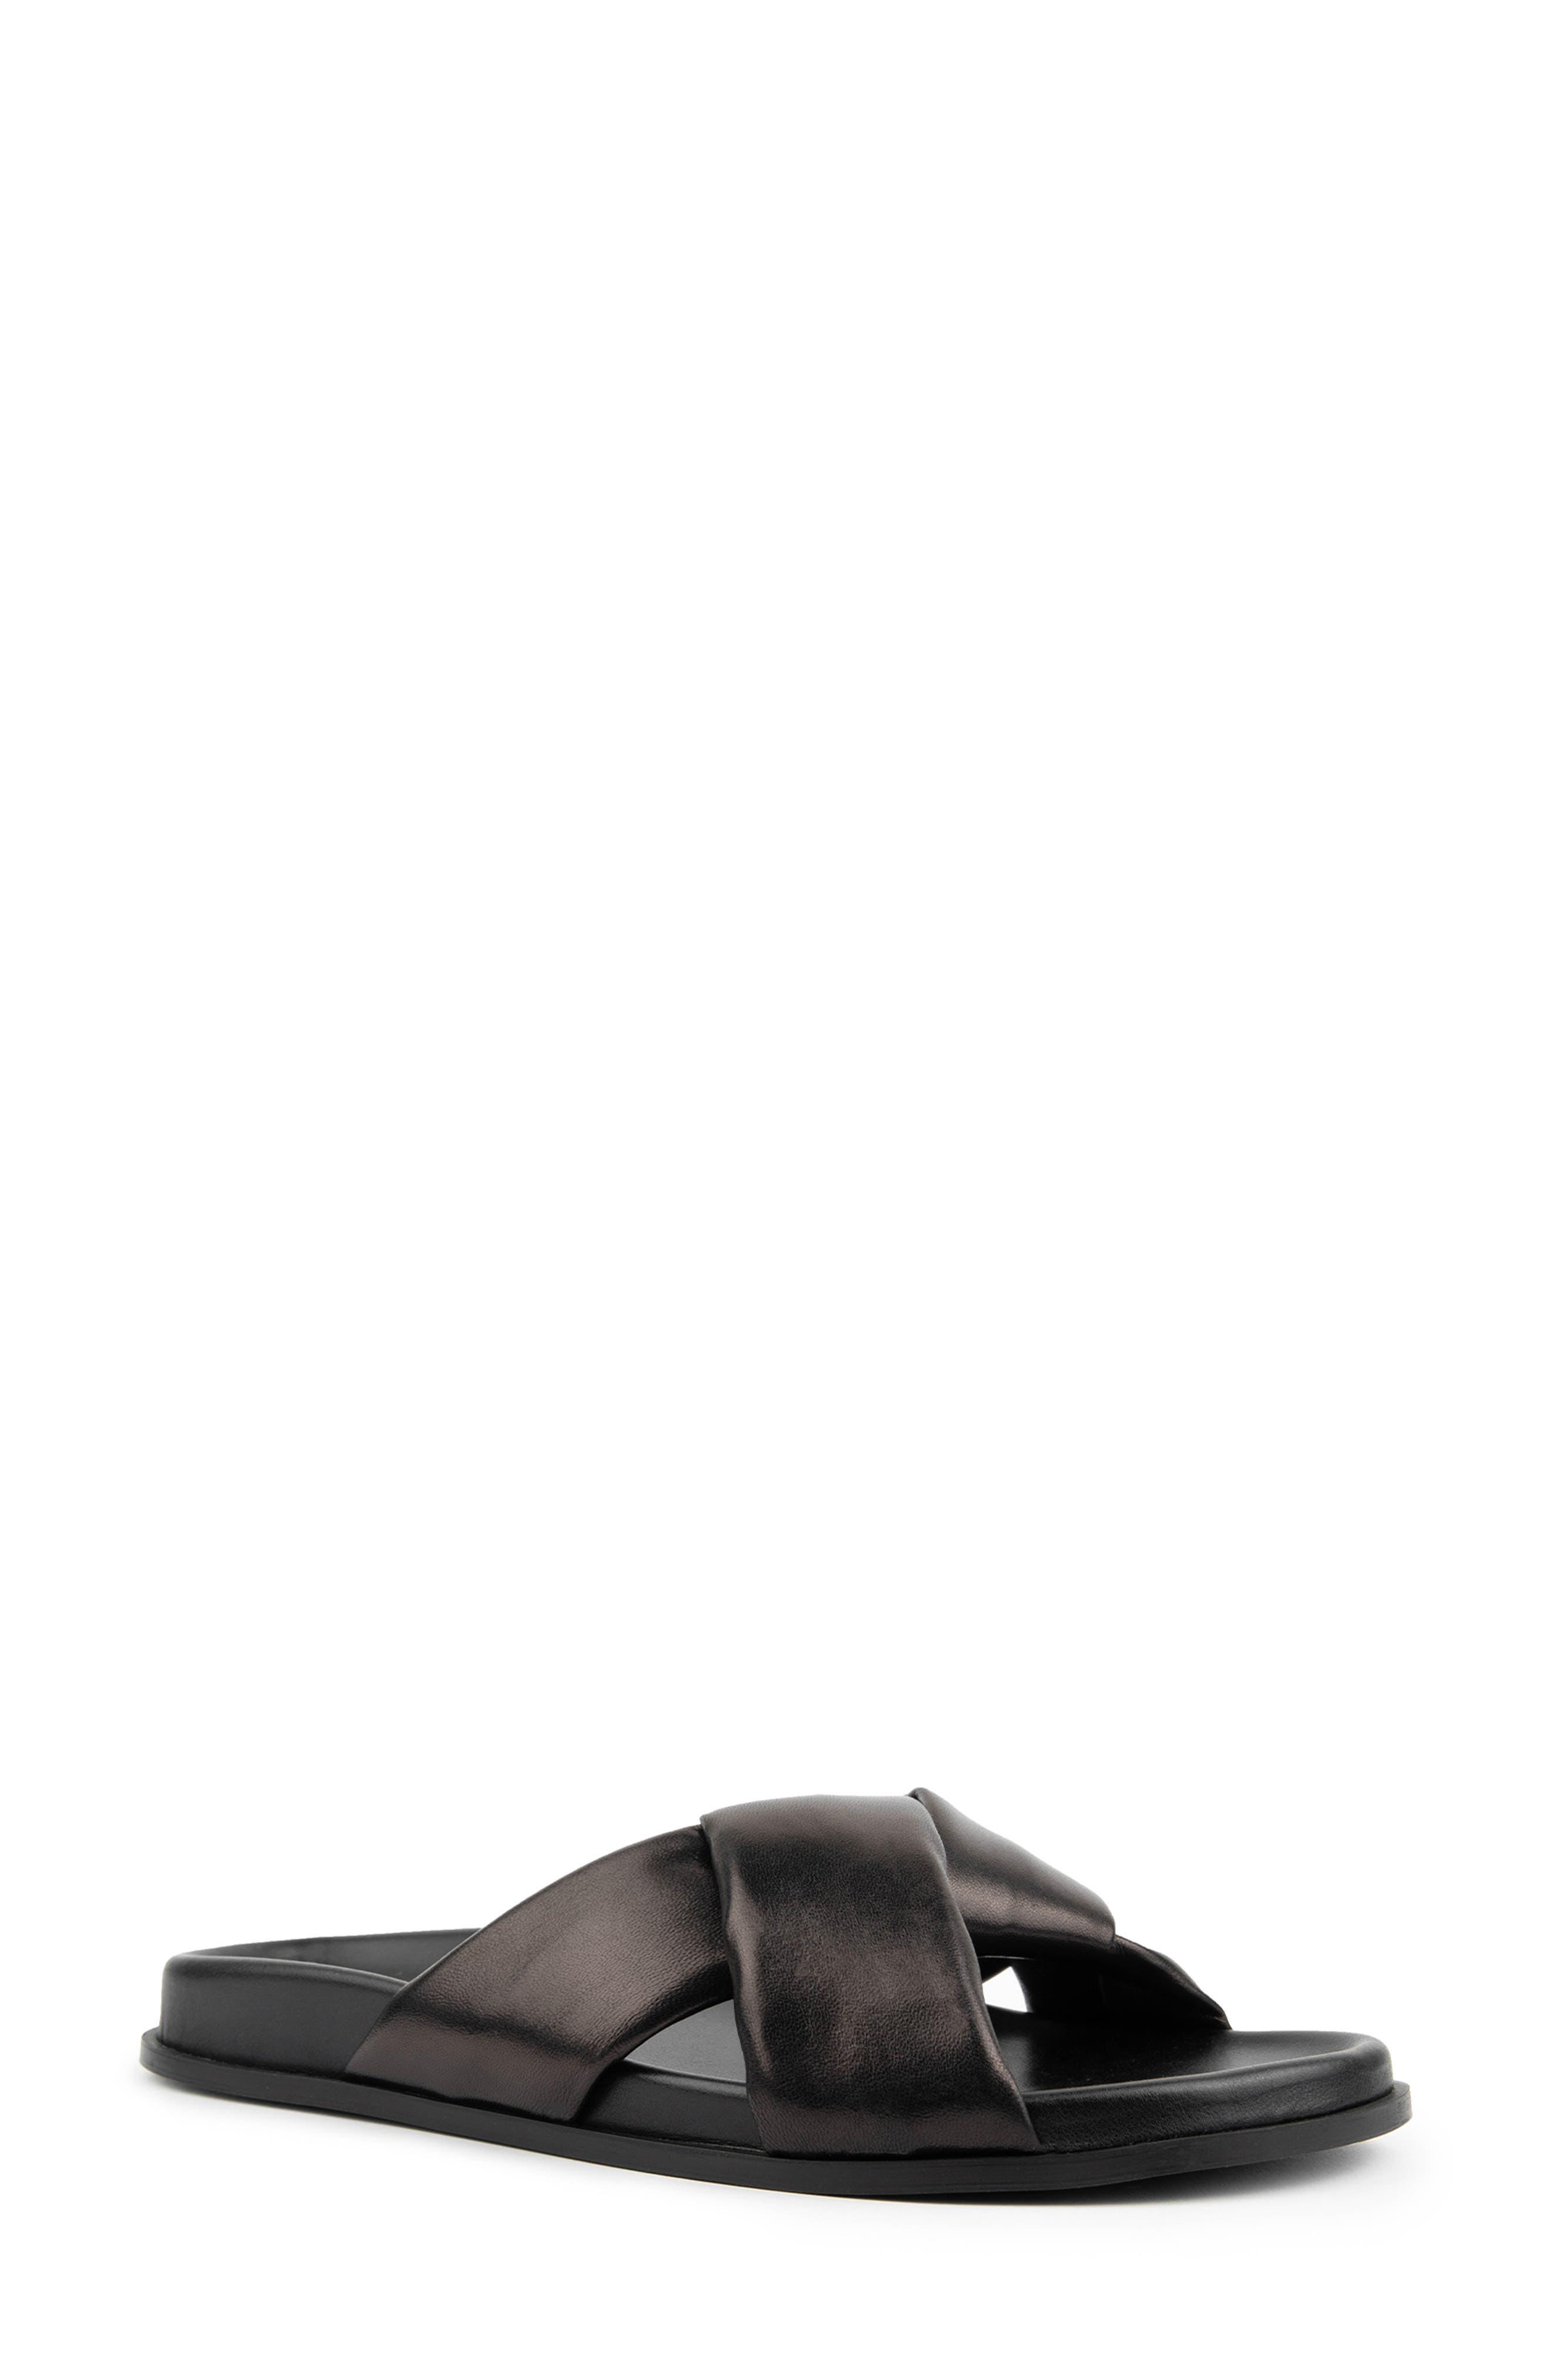 Morgana Waterproof Slide Sandal